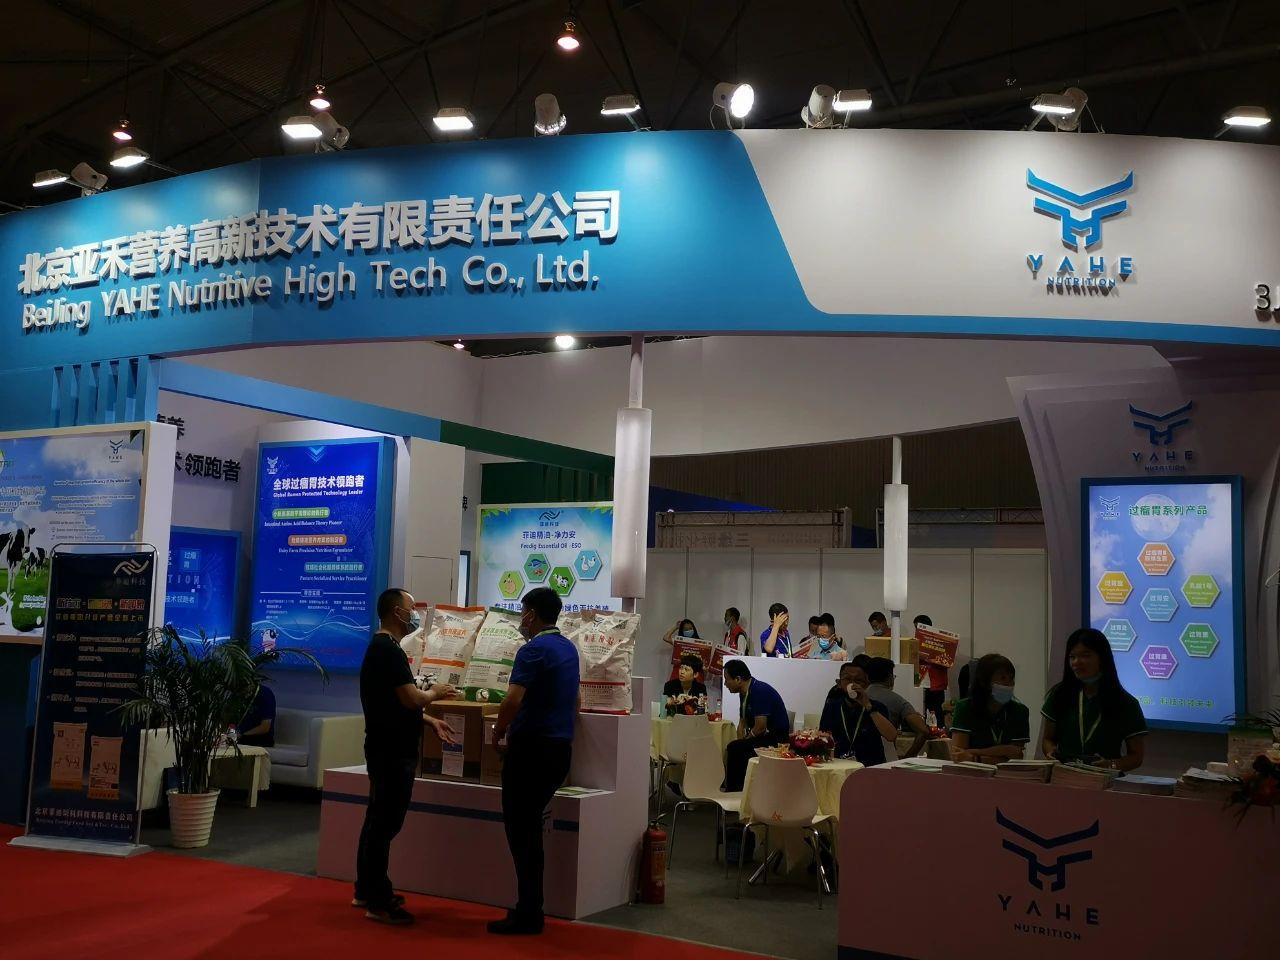 北京亚禾营养高新技术有限责任公司